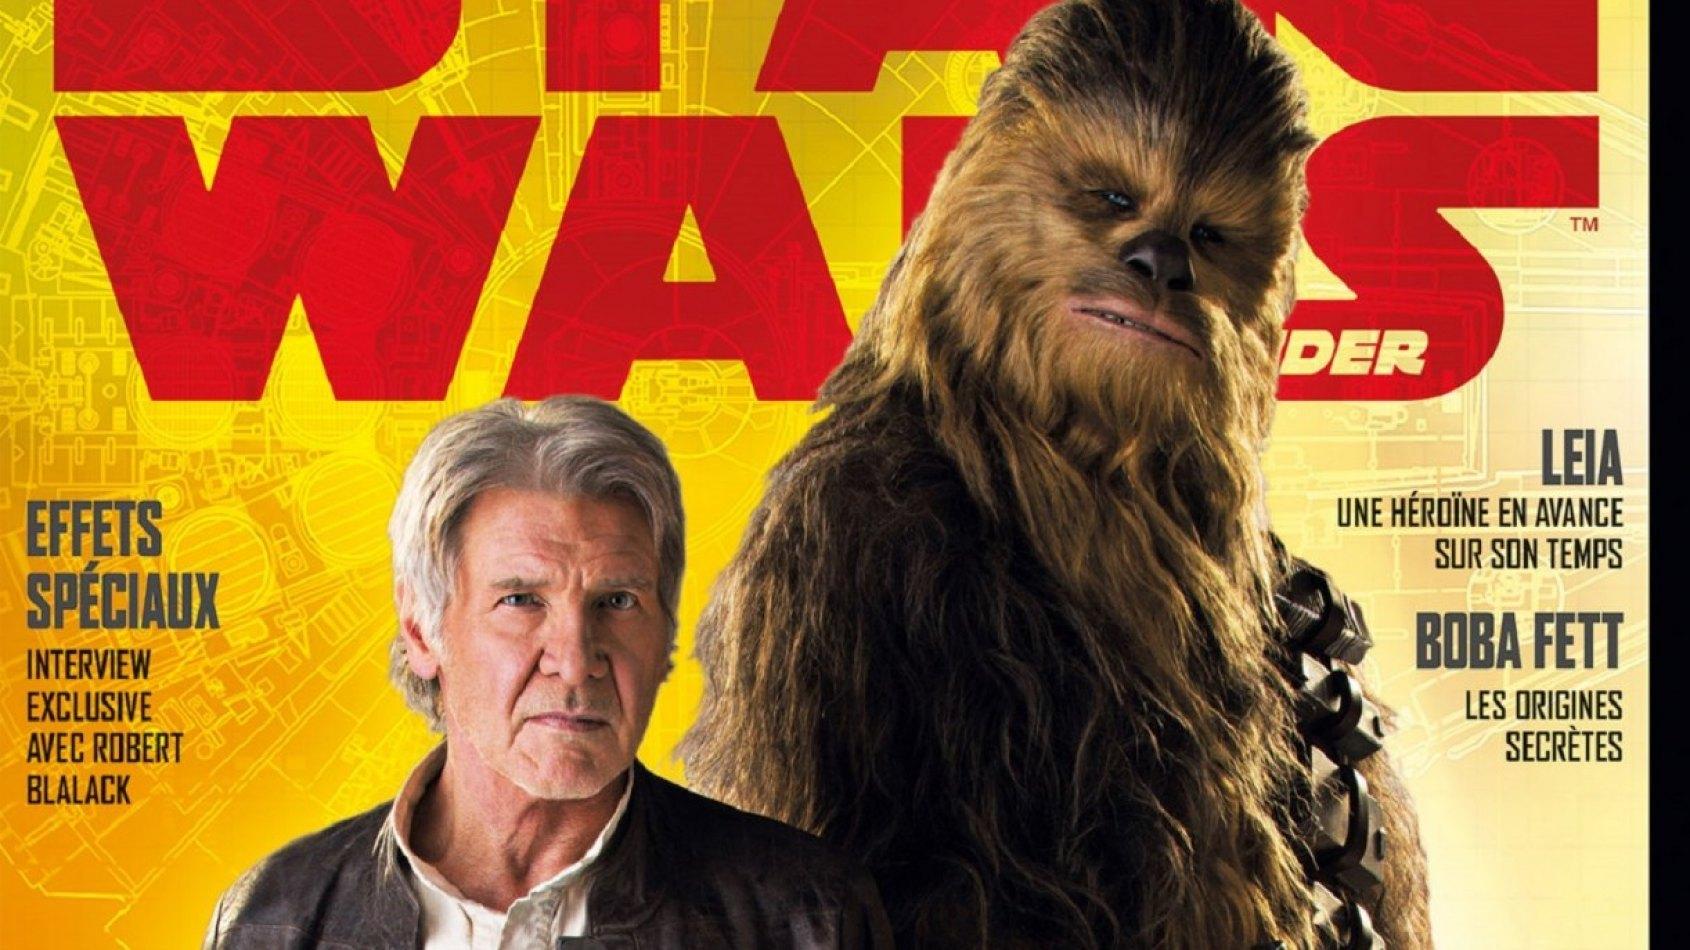 Panini : Le Star Wars Insider 8 est sorti